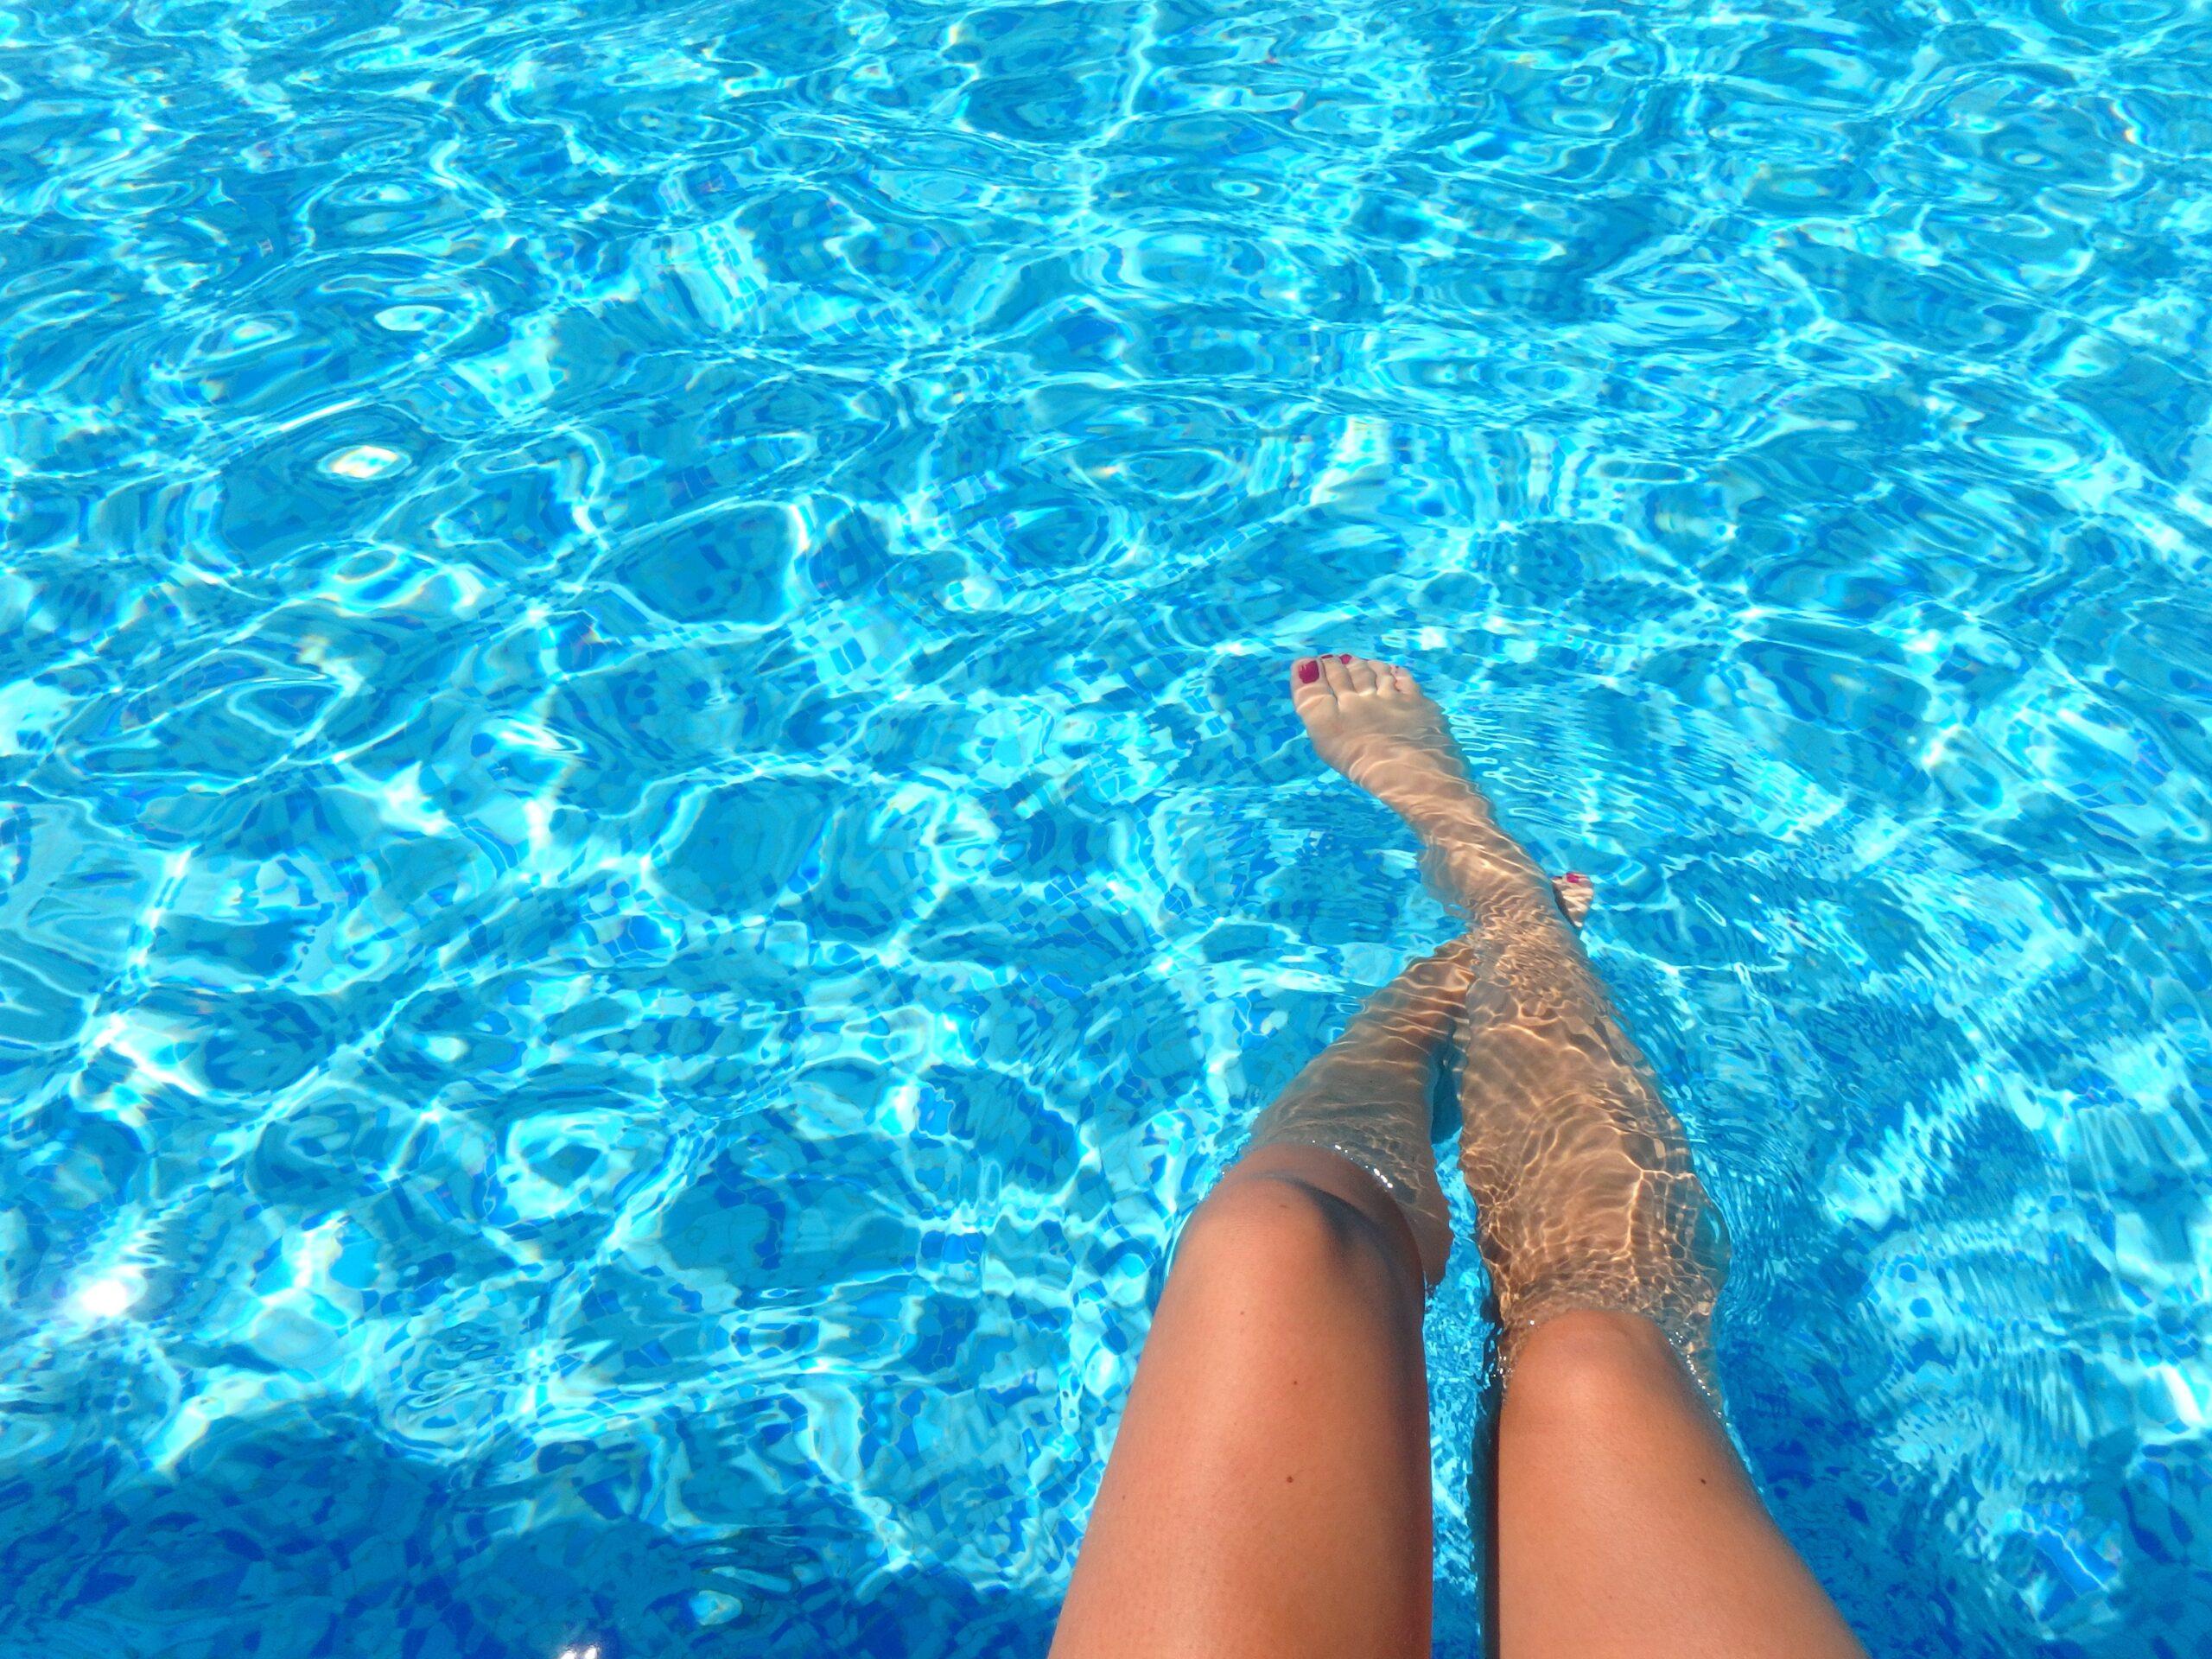 Sommerliche Erfrischung: Ein Pool im eigenen Garten